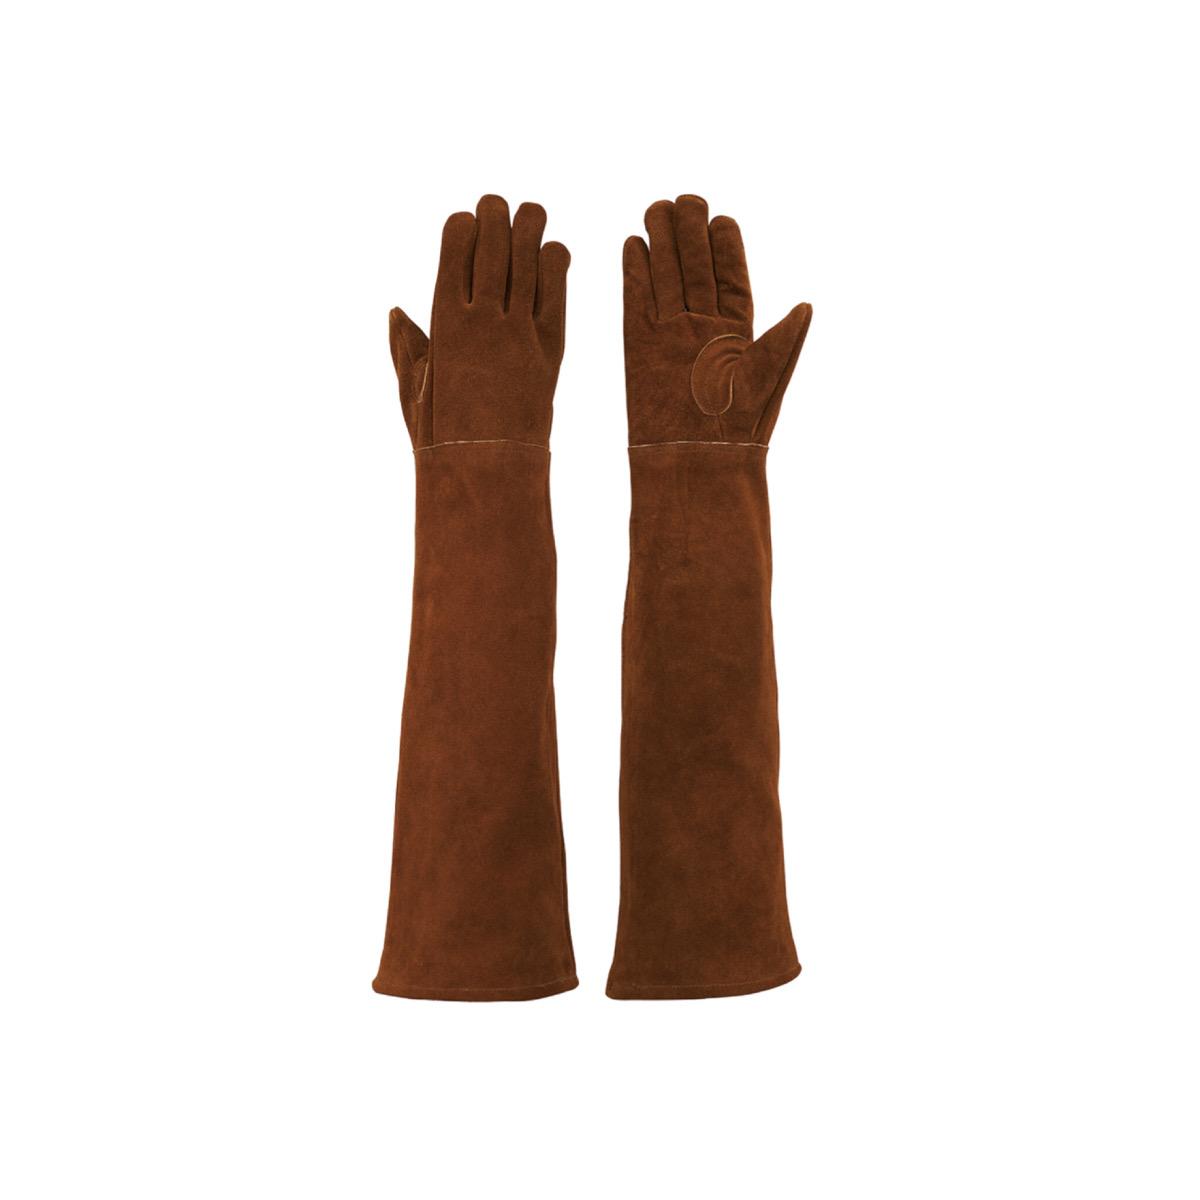 メーカー: 発売日: 手袋 作業用手袋 革手袋 Simon CS 920 牛 床革 内縫い ロング 60 cm 裏地付 当て付 アウトドア 腕カバー不要 ペット フリーサイズ 溶接 内綿 ブラウン 長い 店舗 農業 国内送料無料 茶 F 袖 ストーブ キャンプ